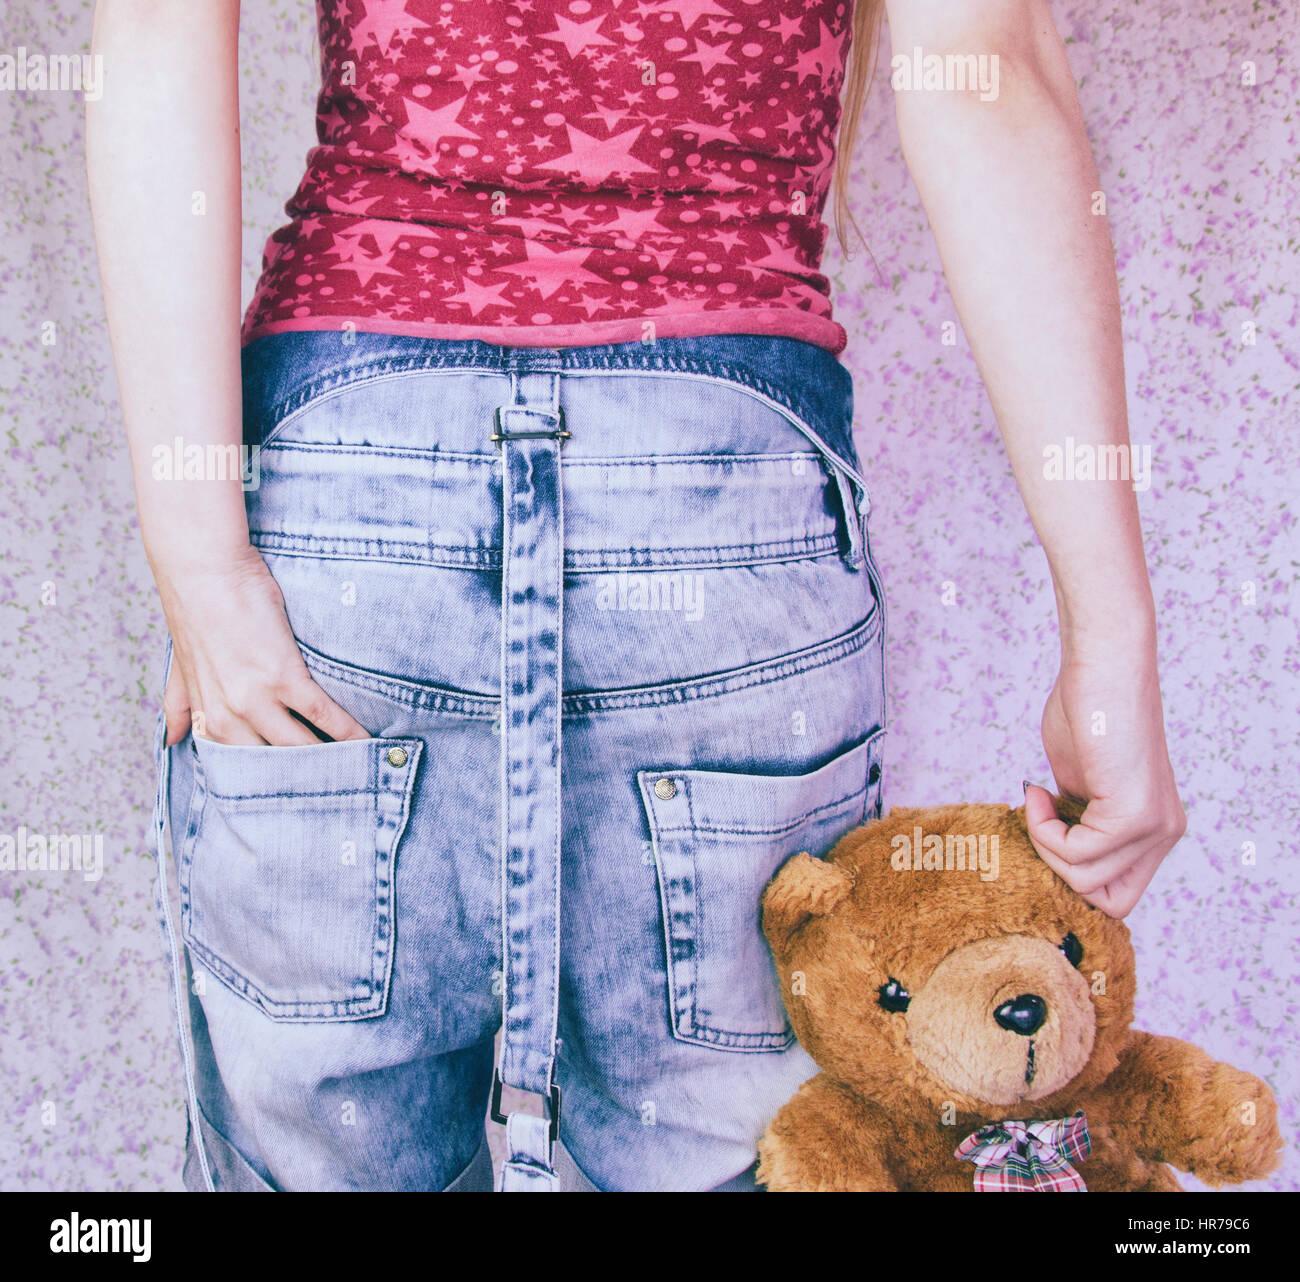 Qualcuno con il suo orsacchiotto di peluche, come un bambino Immagini Stock